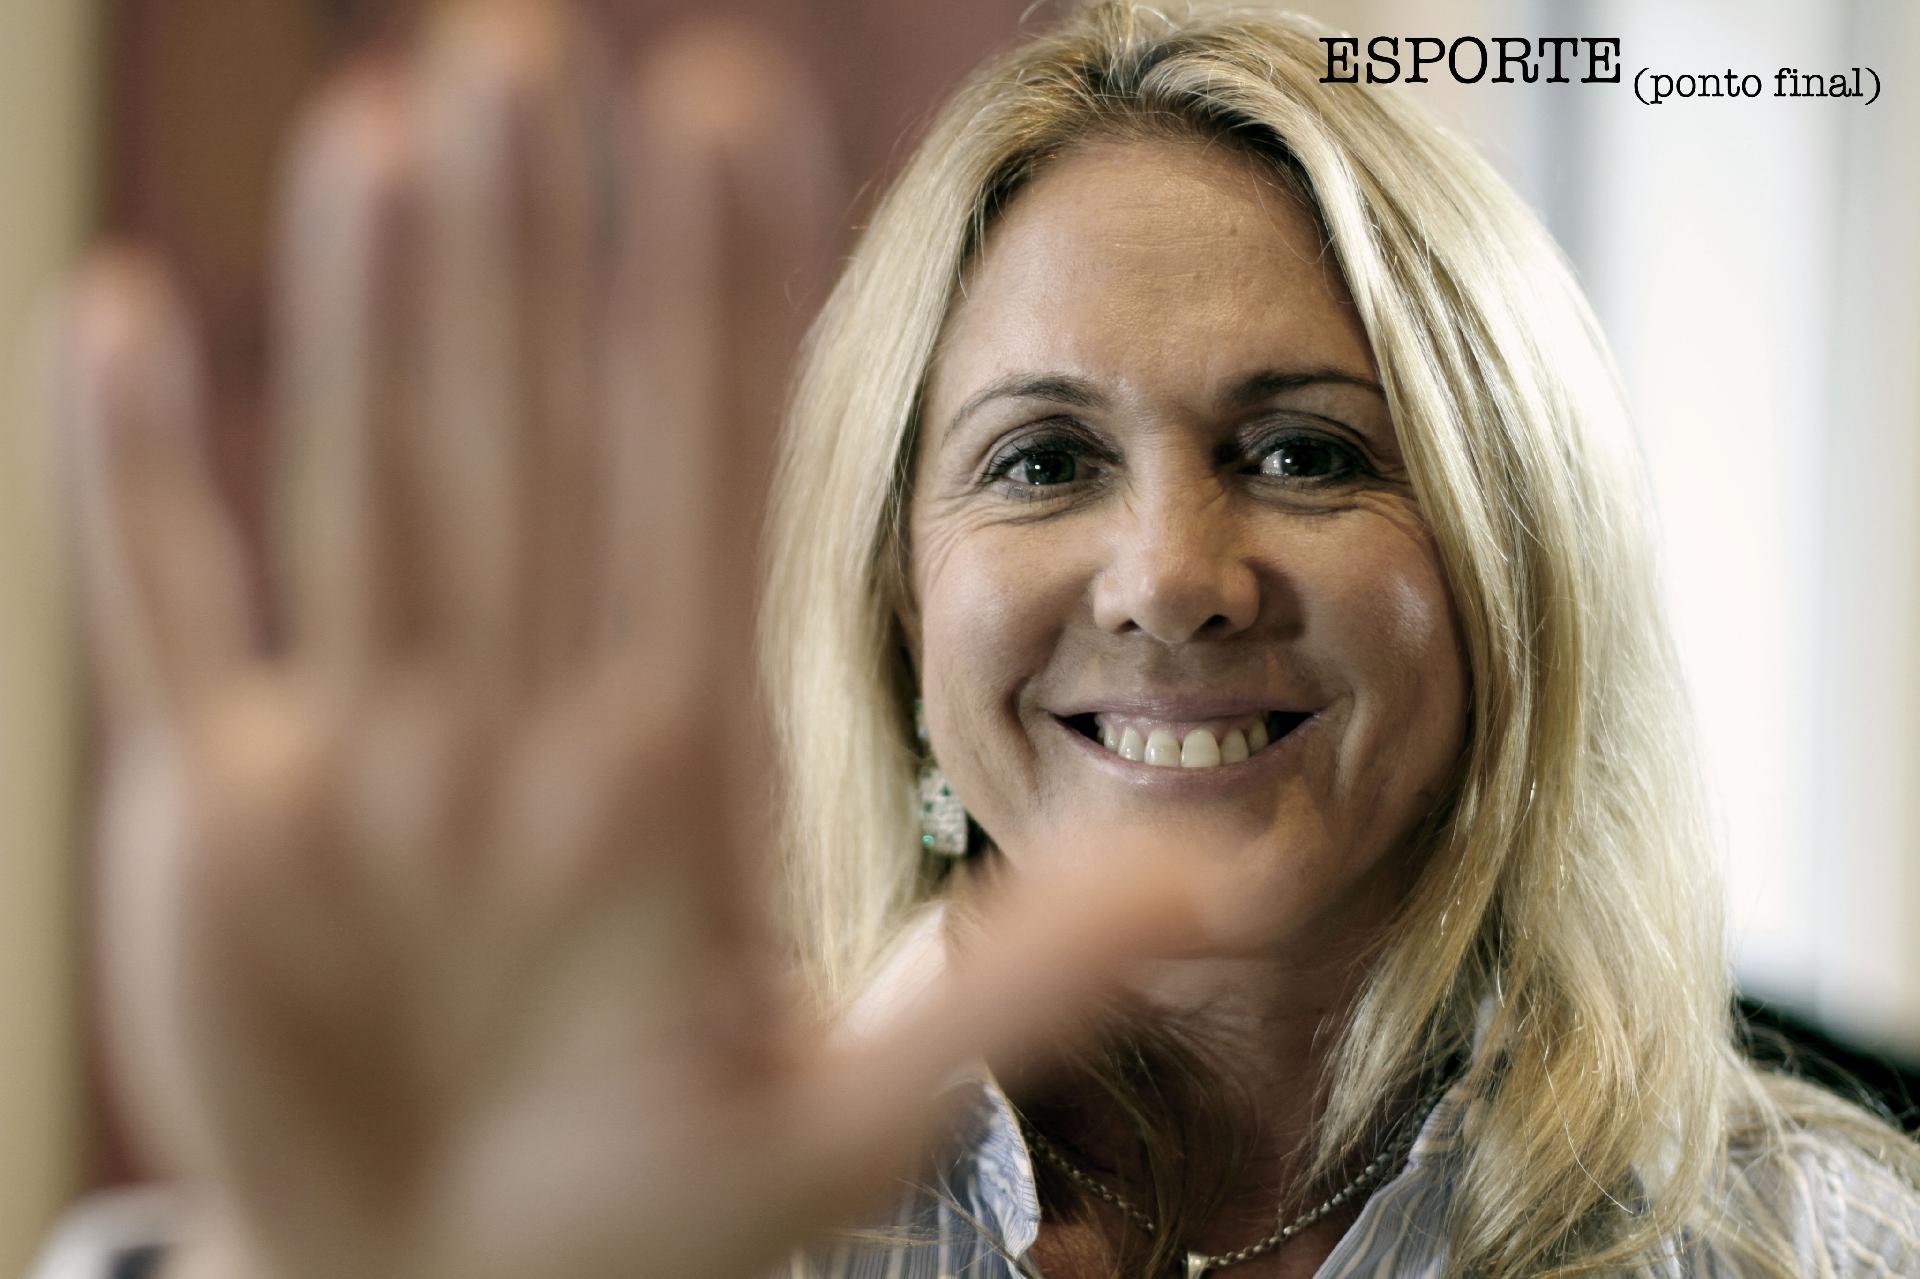 Ela foi campeã mundial em 1994, na edição disputada na Austrália